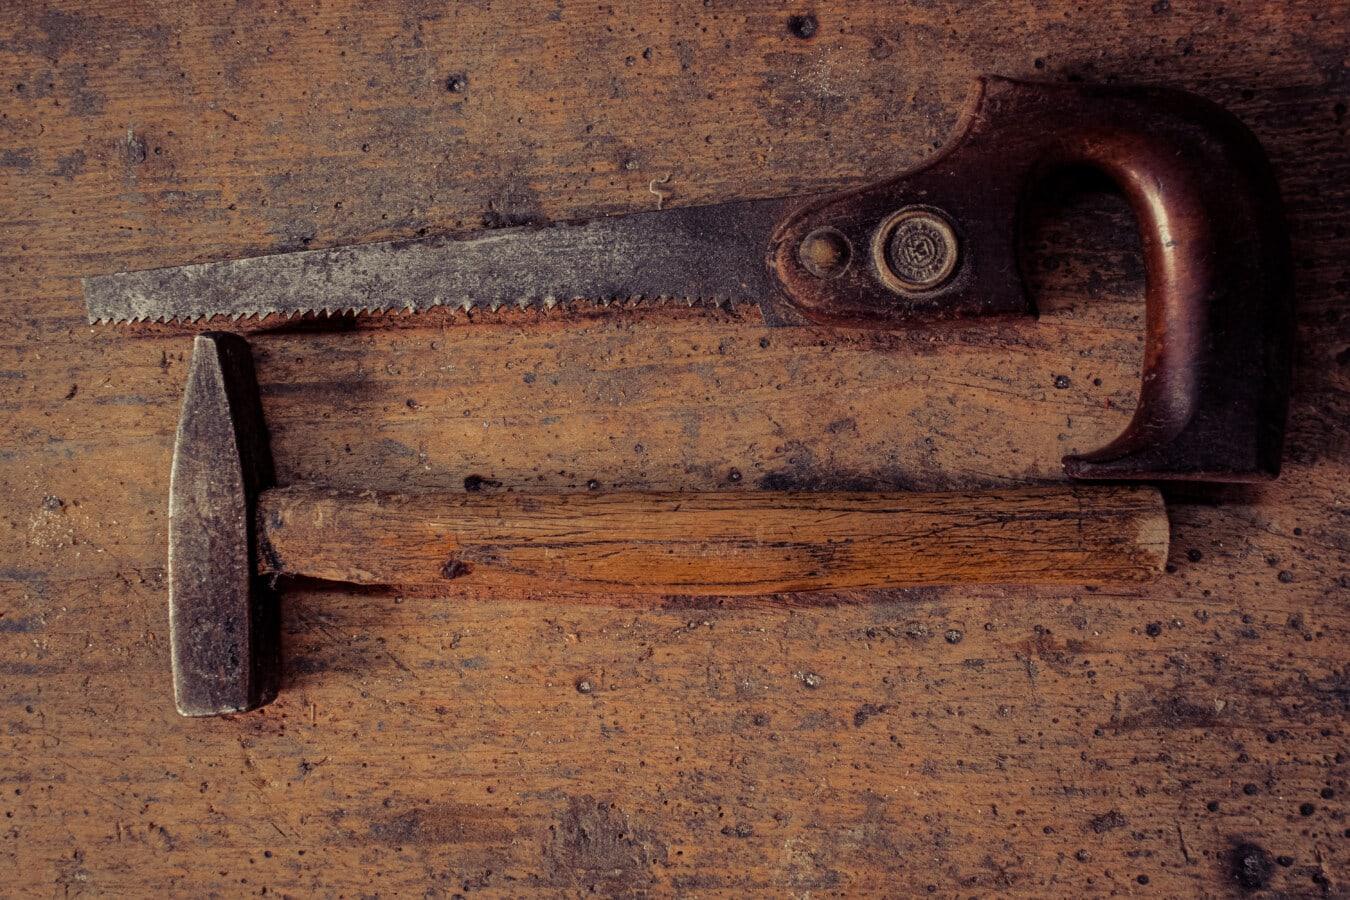 sciure de bois, scie, vieux, dent de scie, outil à main, Hammer, requin-marteau, outil, style ancien, démodé